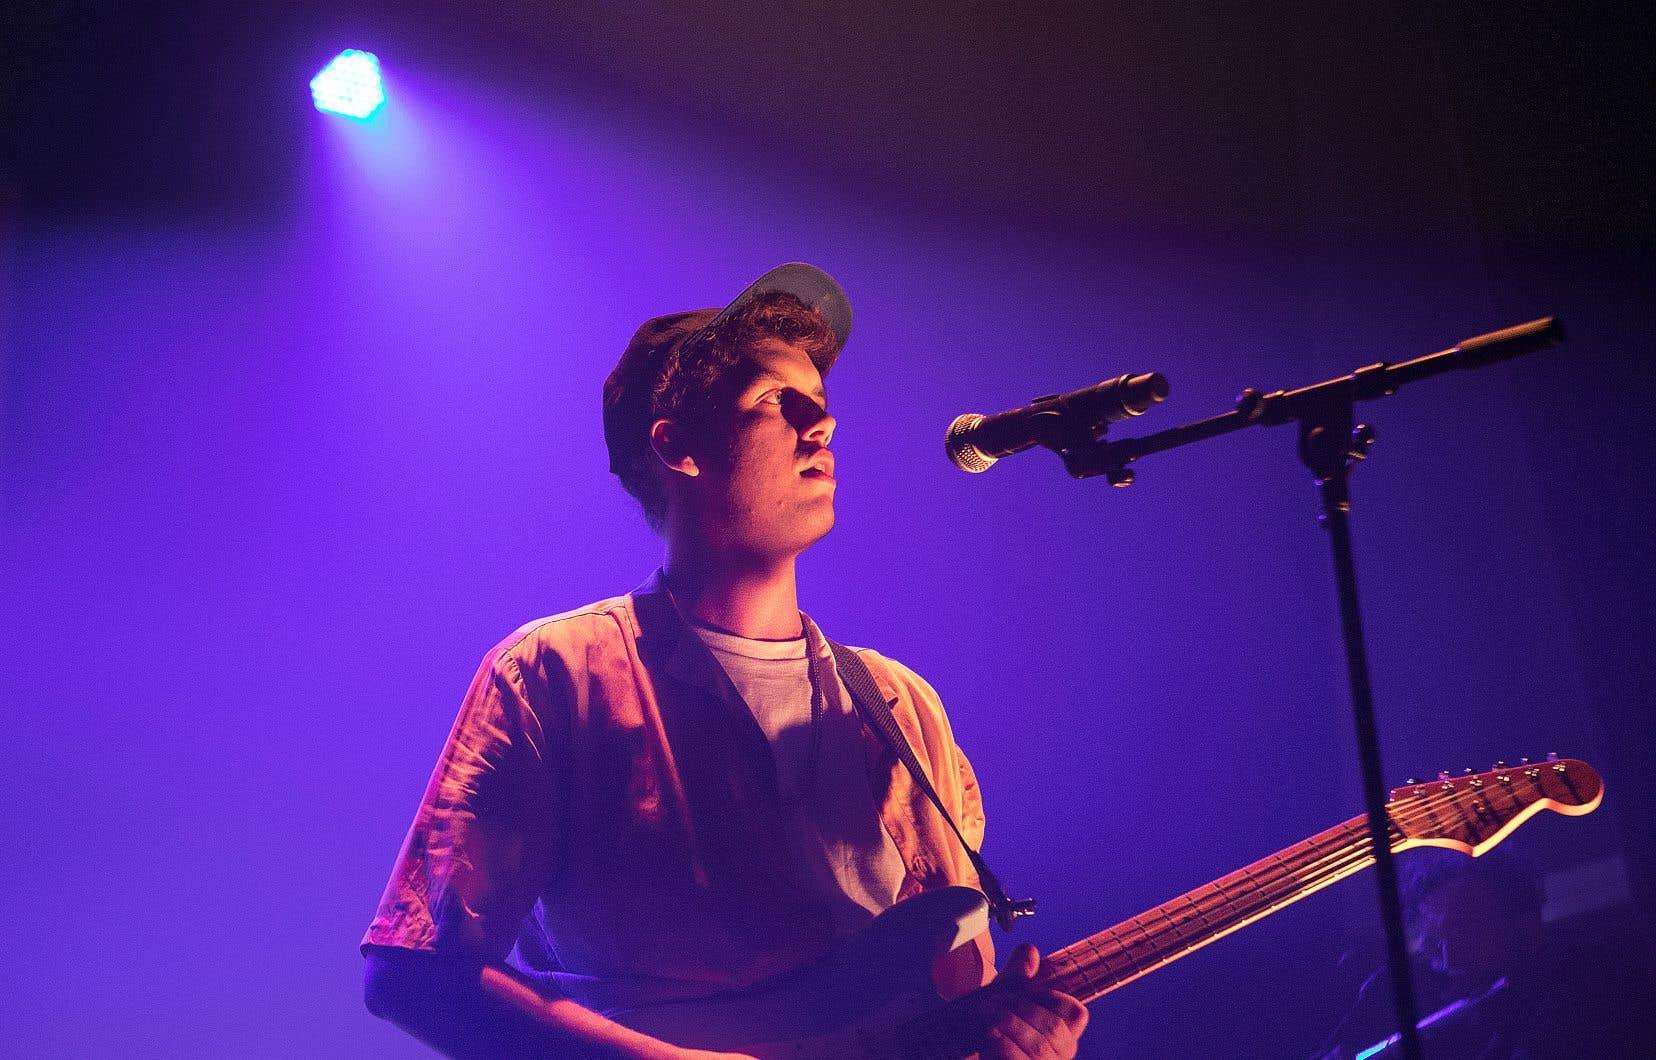 Les Louanges, de son vrai nom Vincent Roberge, est le seul représentant francophone dans la liste des finalistes.